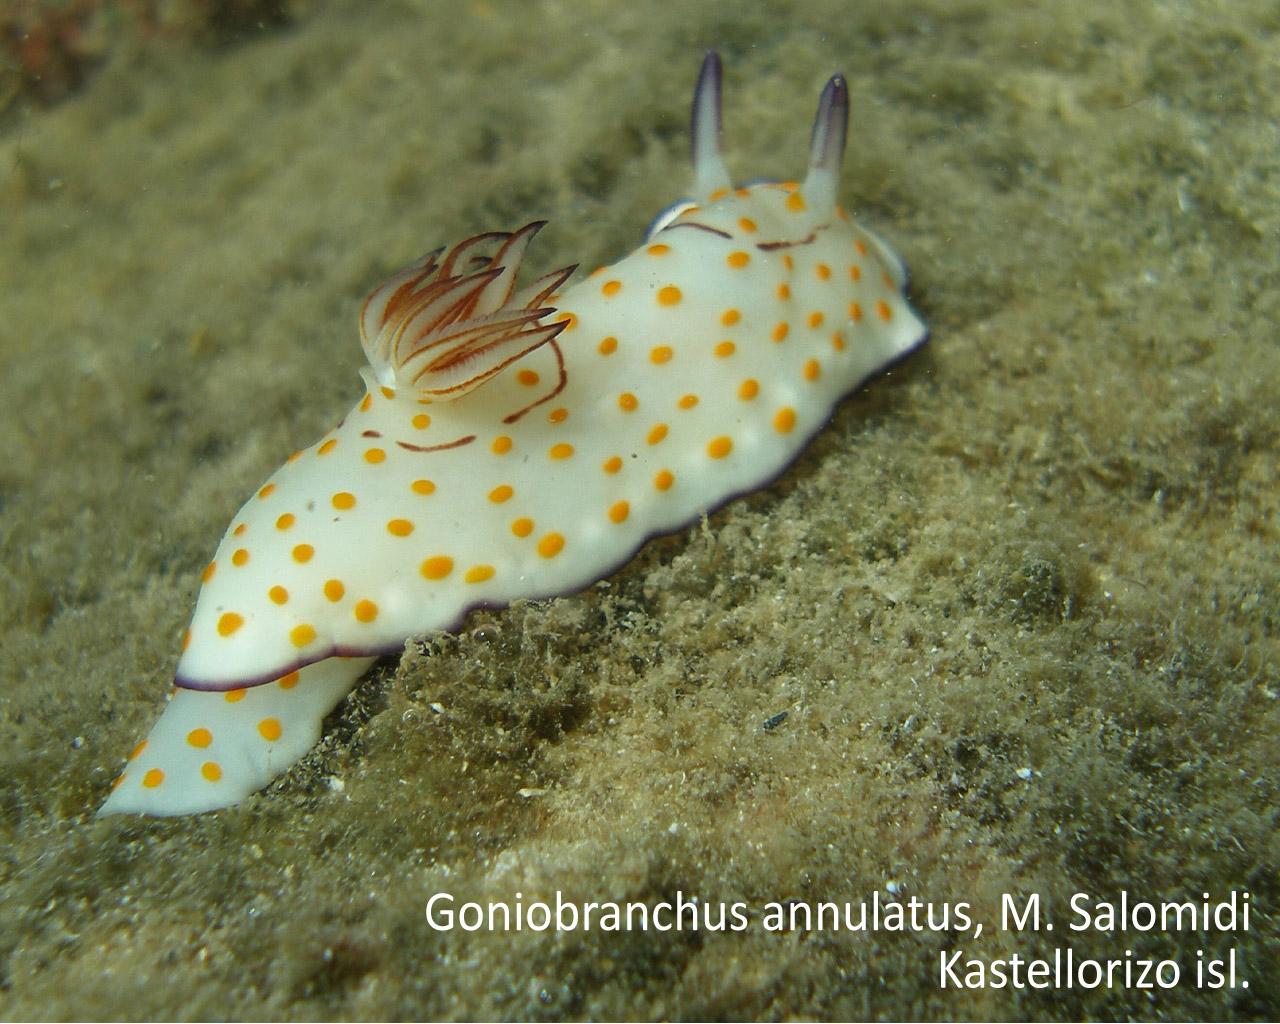 Goniobranchus annulatus